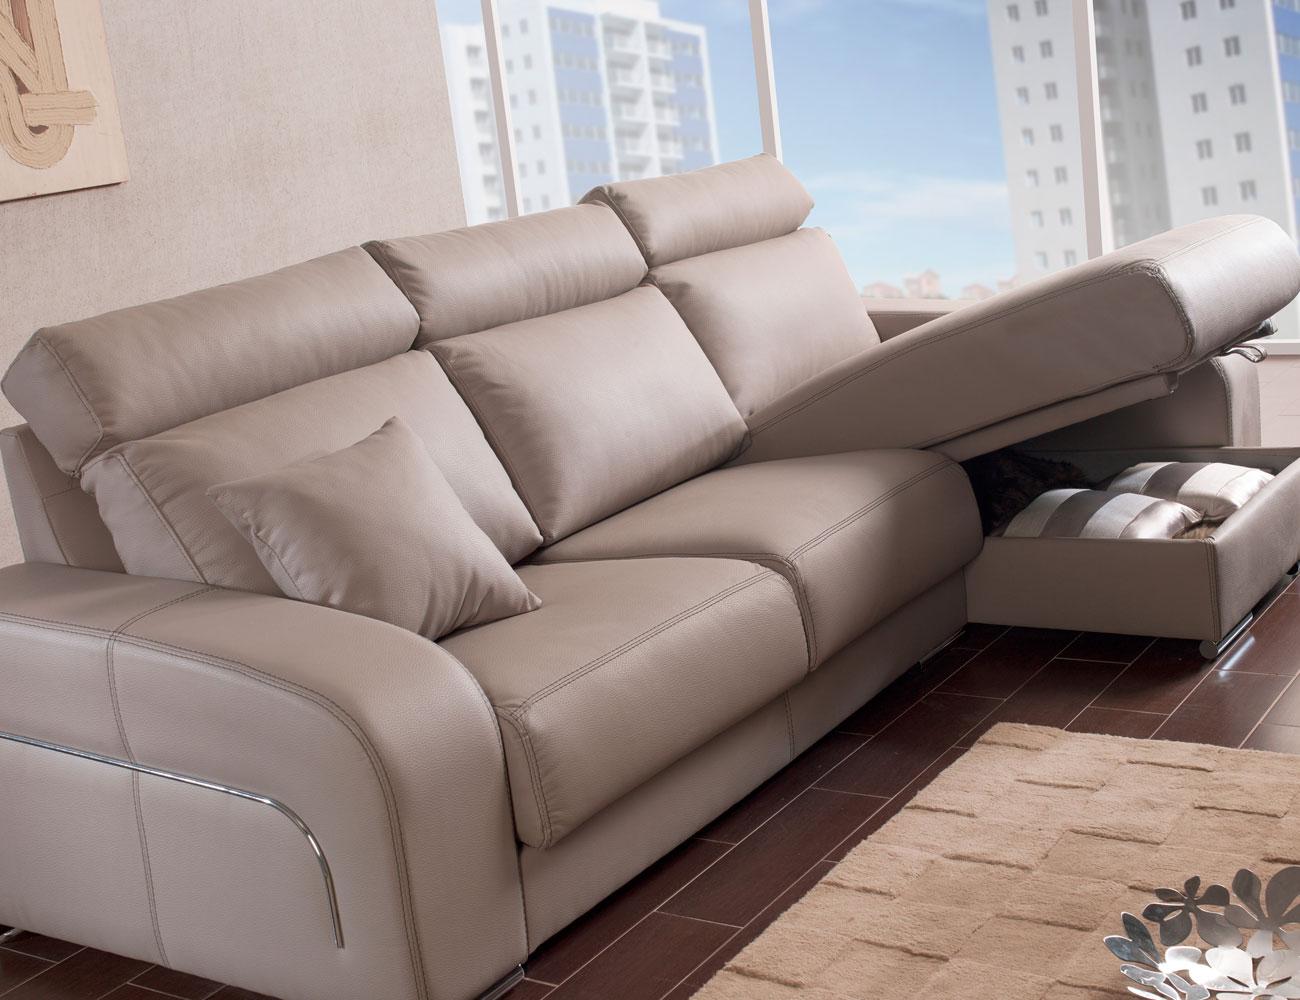 Sofa chaiselongue moderno pared cero arcon73